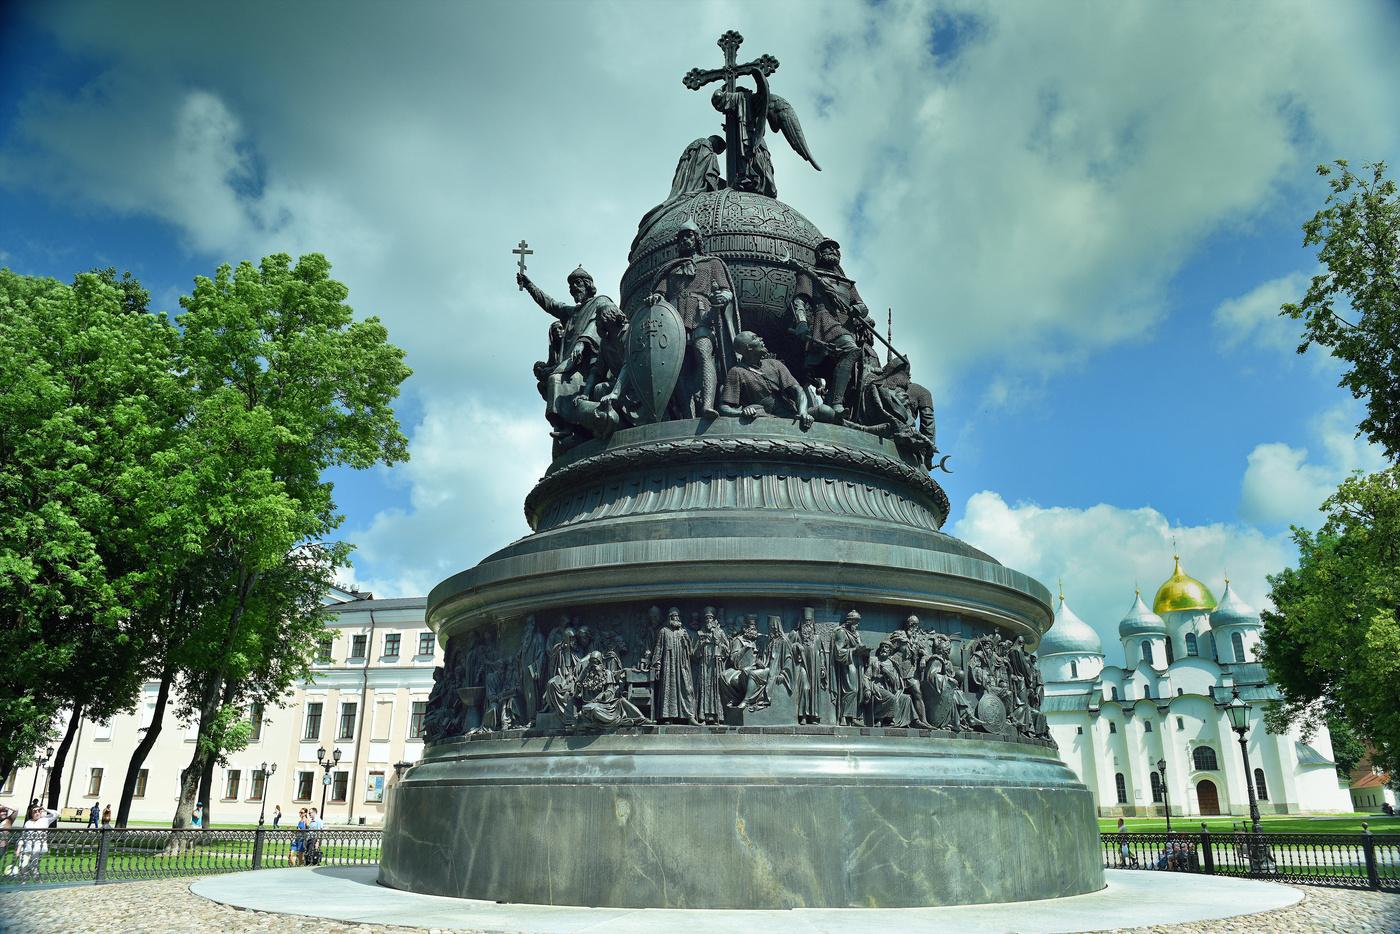 новгород памятник тысячелетие россии картинка могут быть